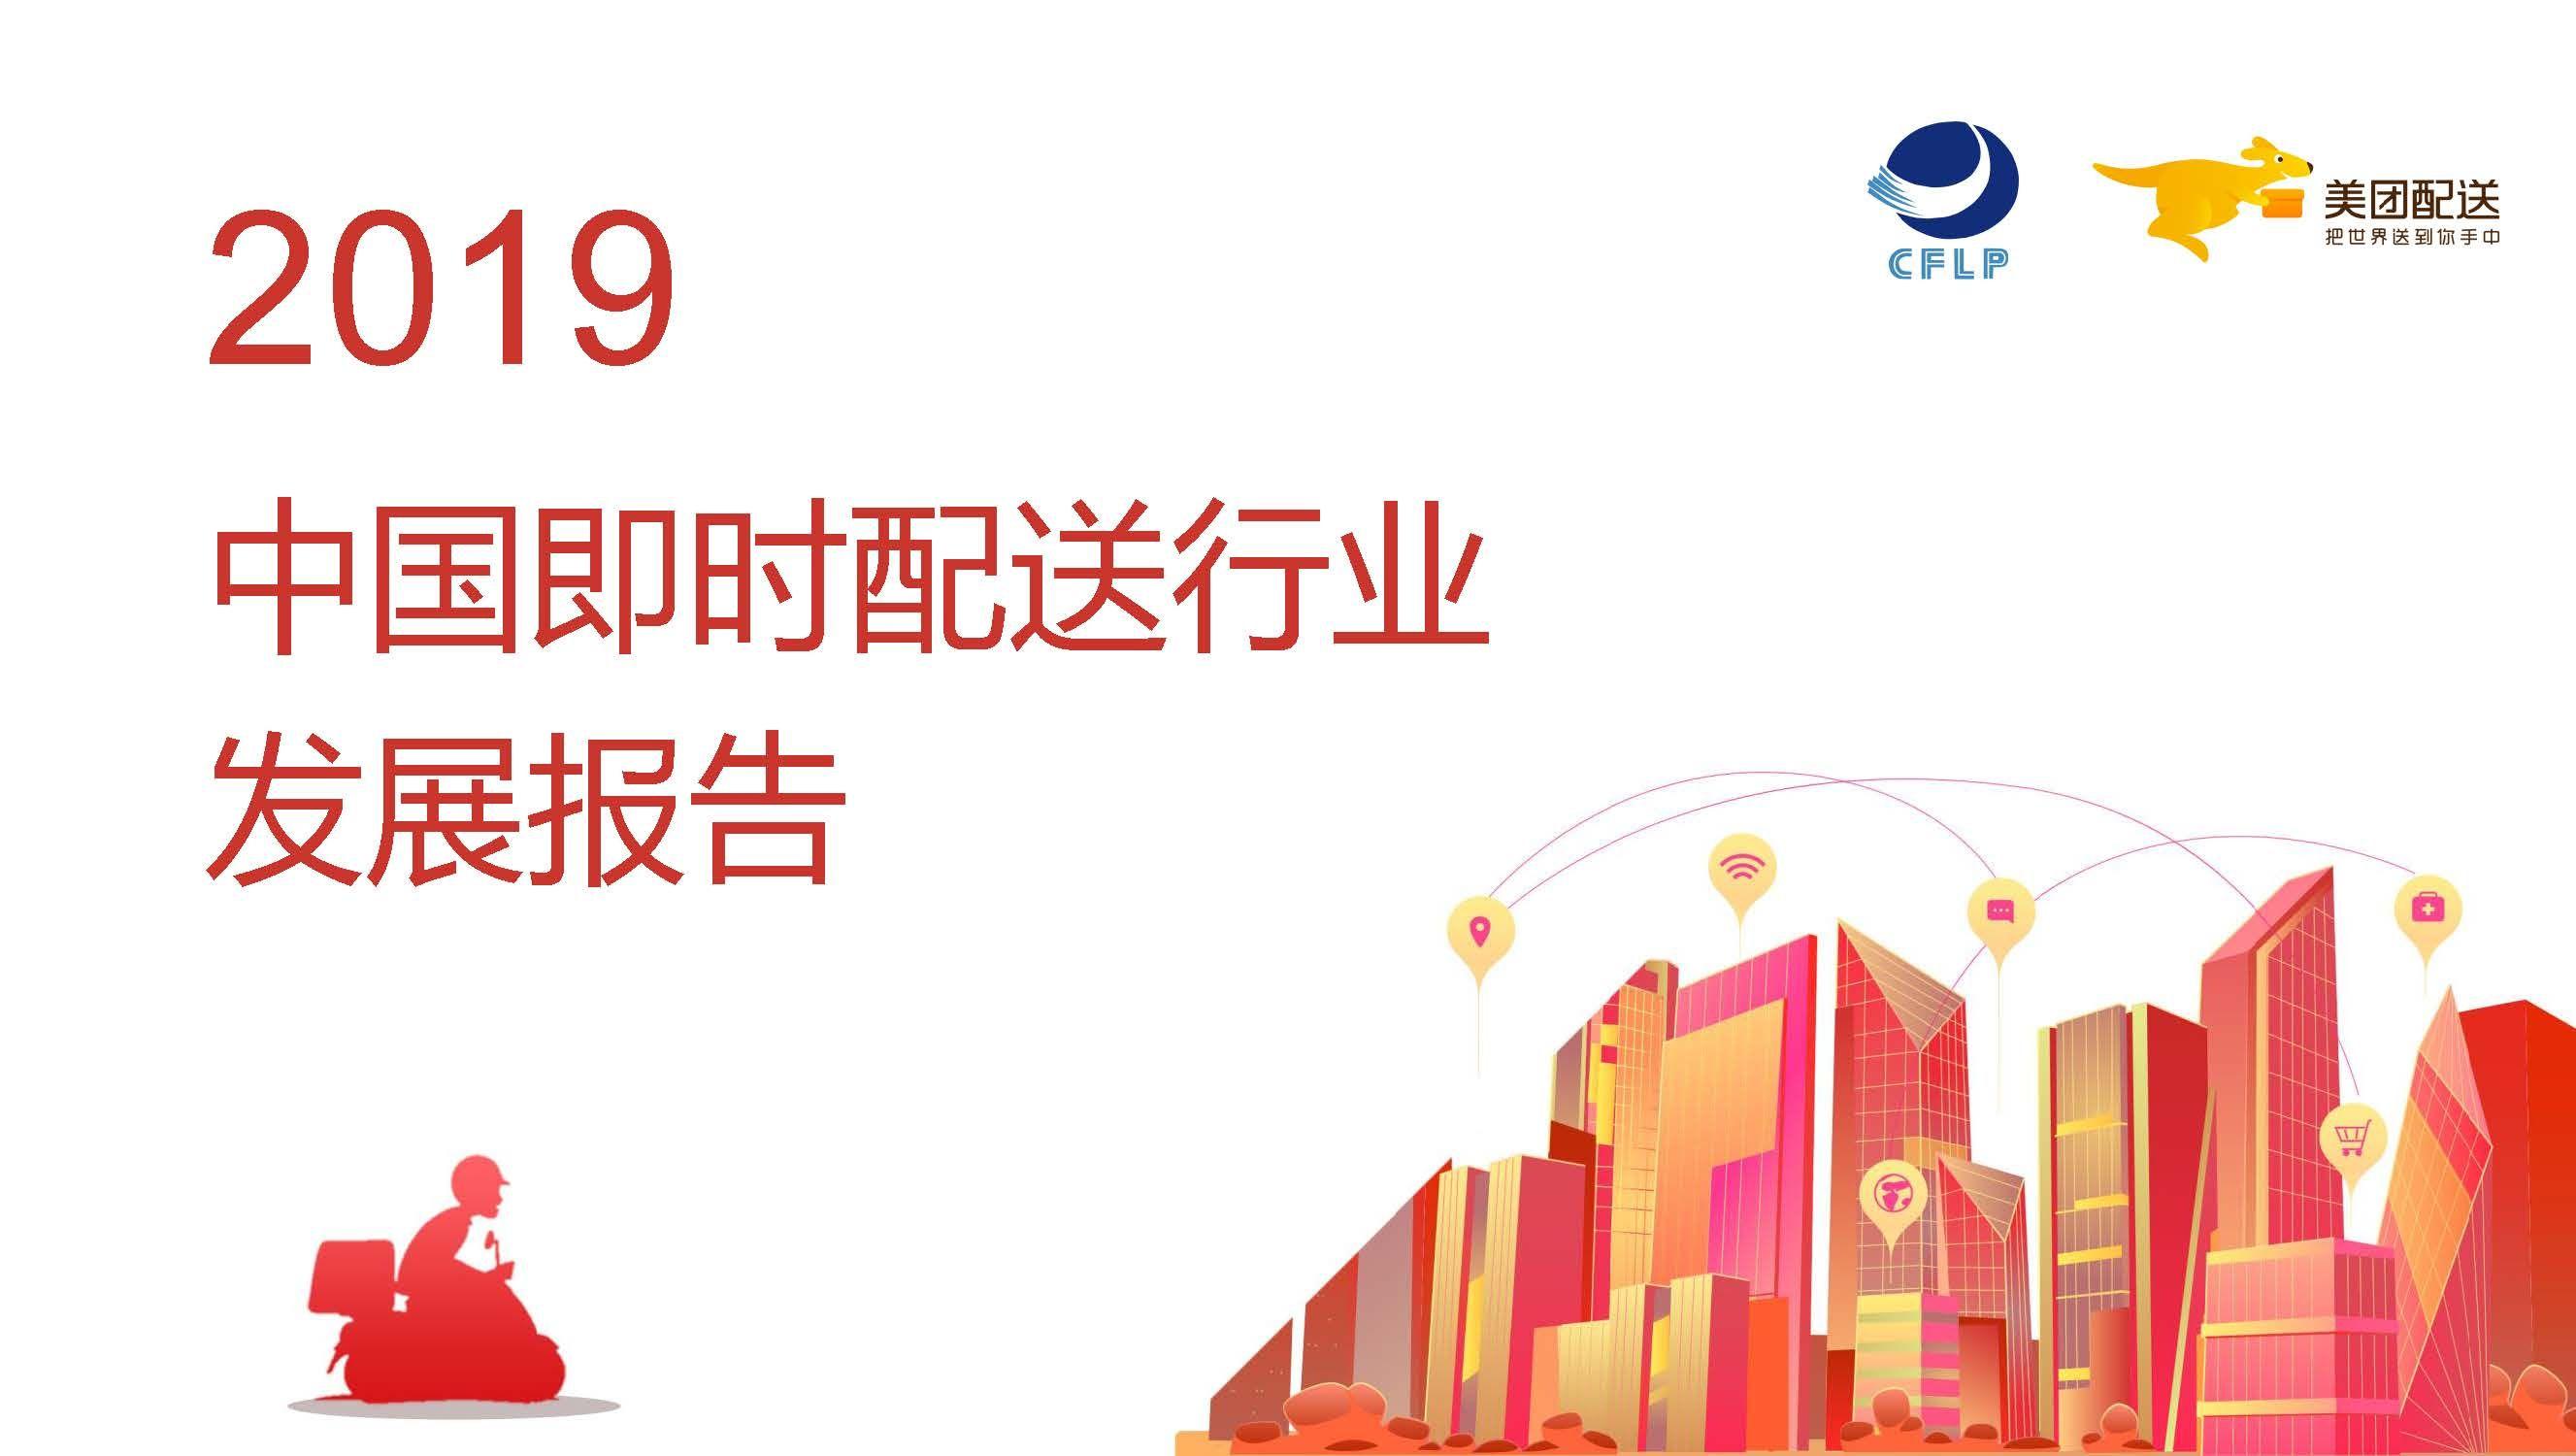 2019中國即時配送行業發展報告